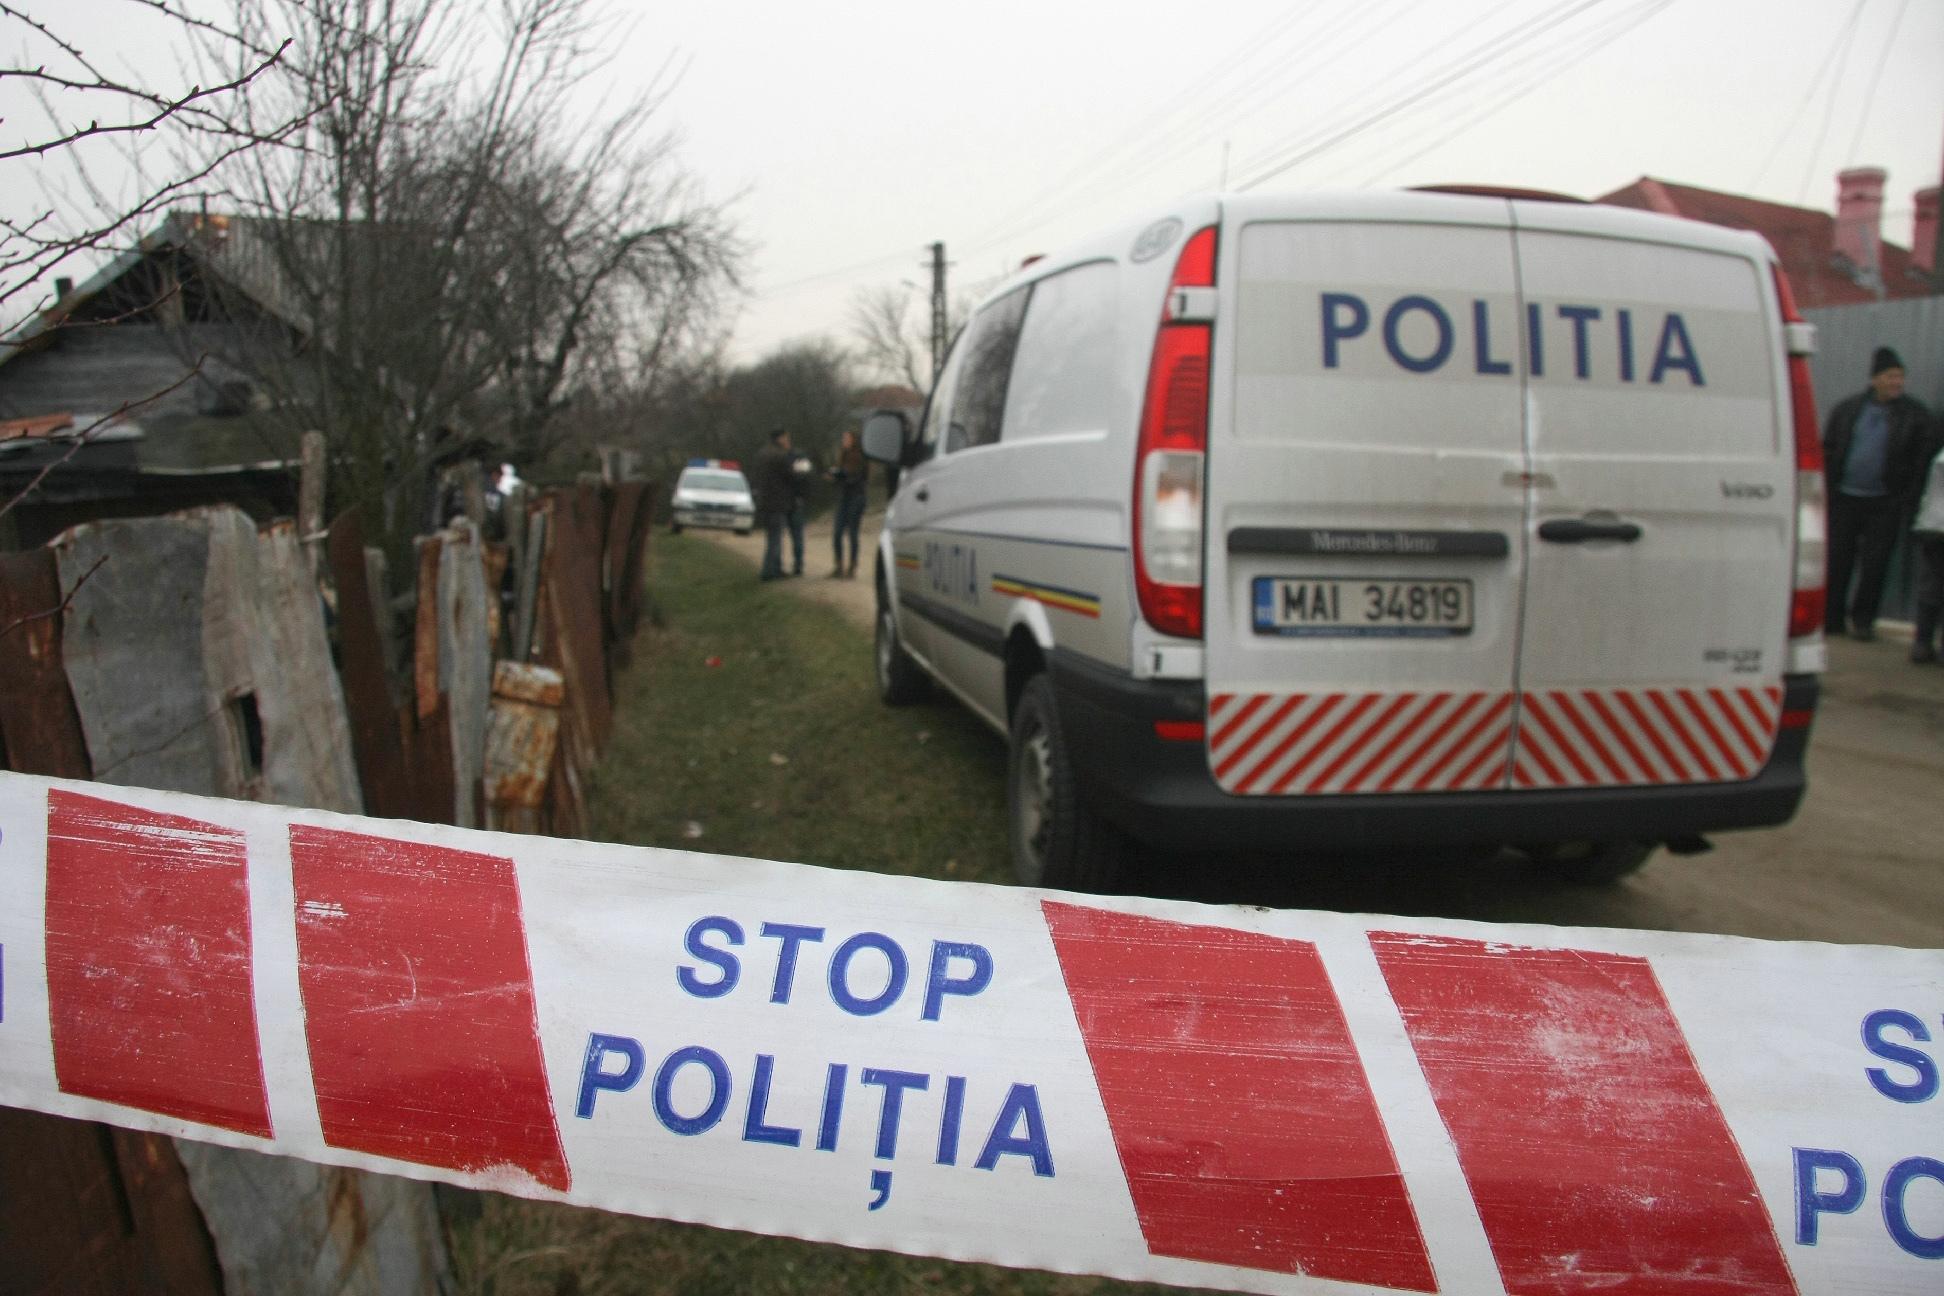 Triplă crimă la Satu Mare, trei persoane au fost omorâte cu lovituri în cap